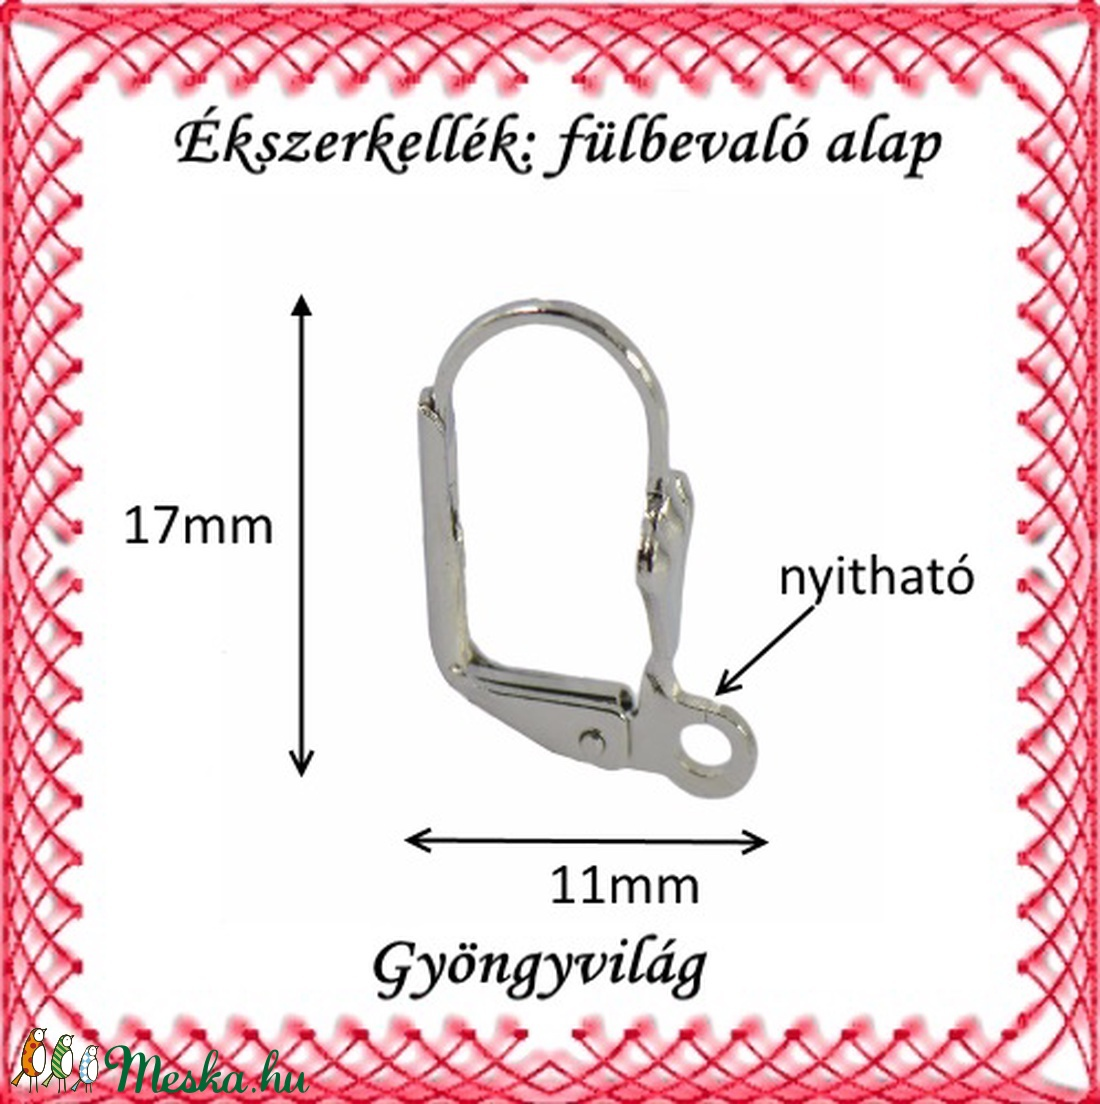 Biztonsági kapccsosródiumozott  fülbevaló alap 5 pár BFK-K01 R - gyöngy, ékszerkellék - egyéb alkatrész - Meska.hu